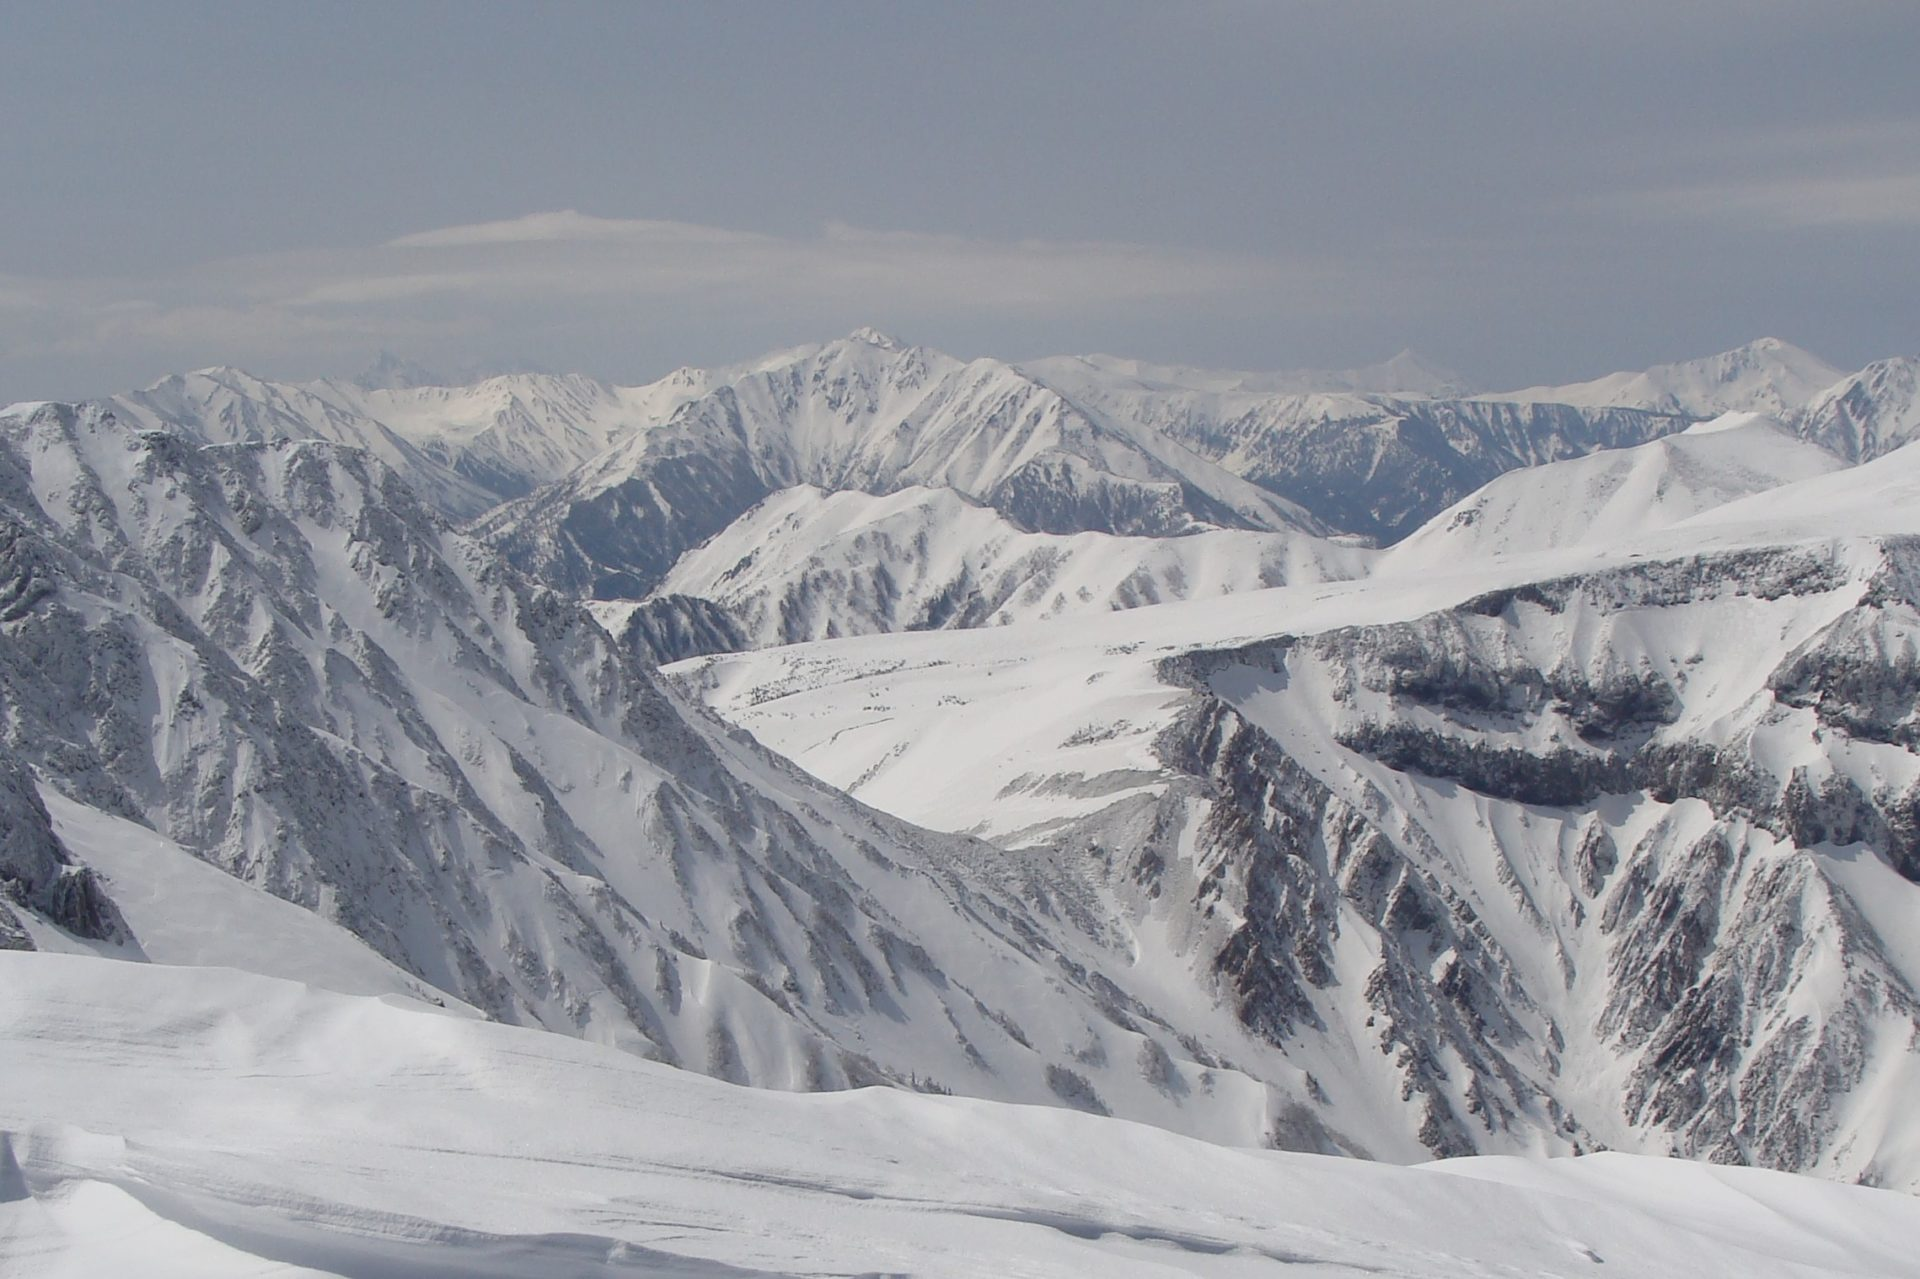 立山:GWに(積雪期)室堂から美女平までスキーorトレッキングされた方はおられますか?